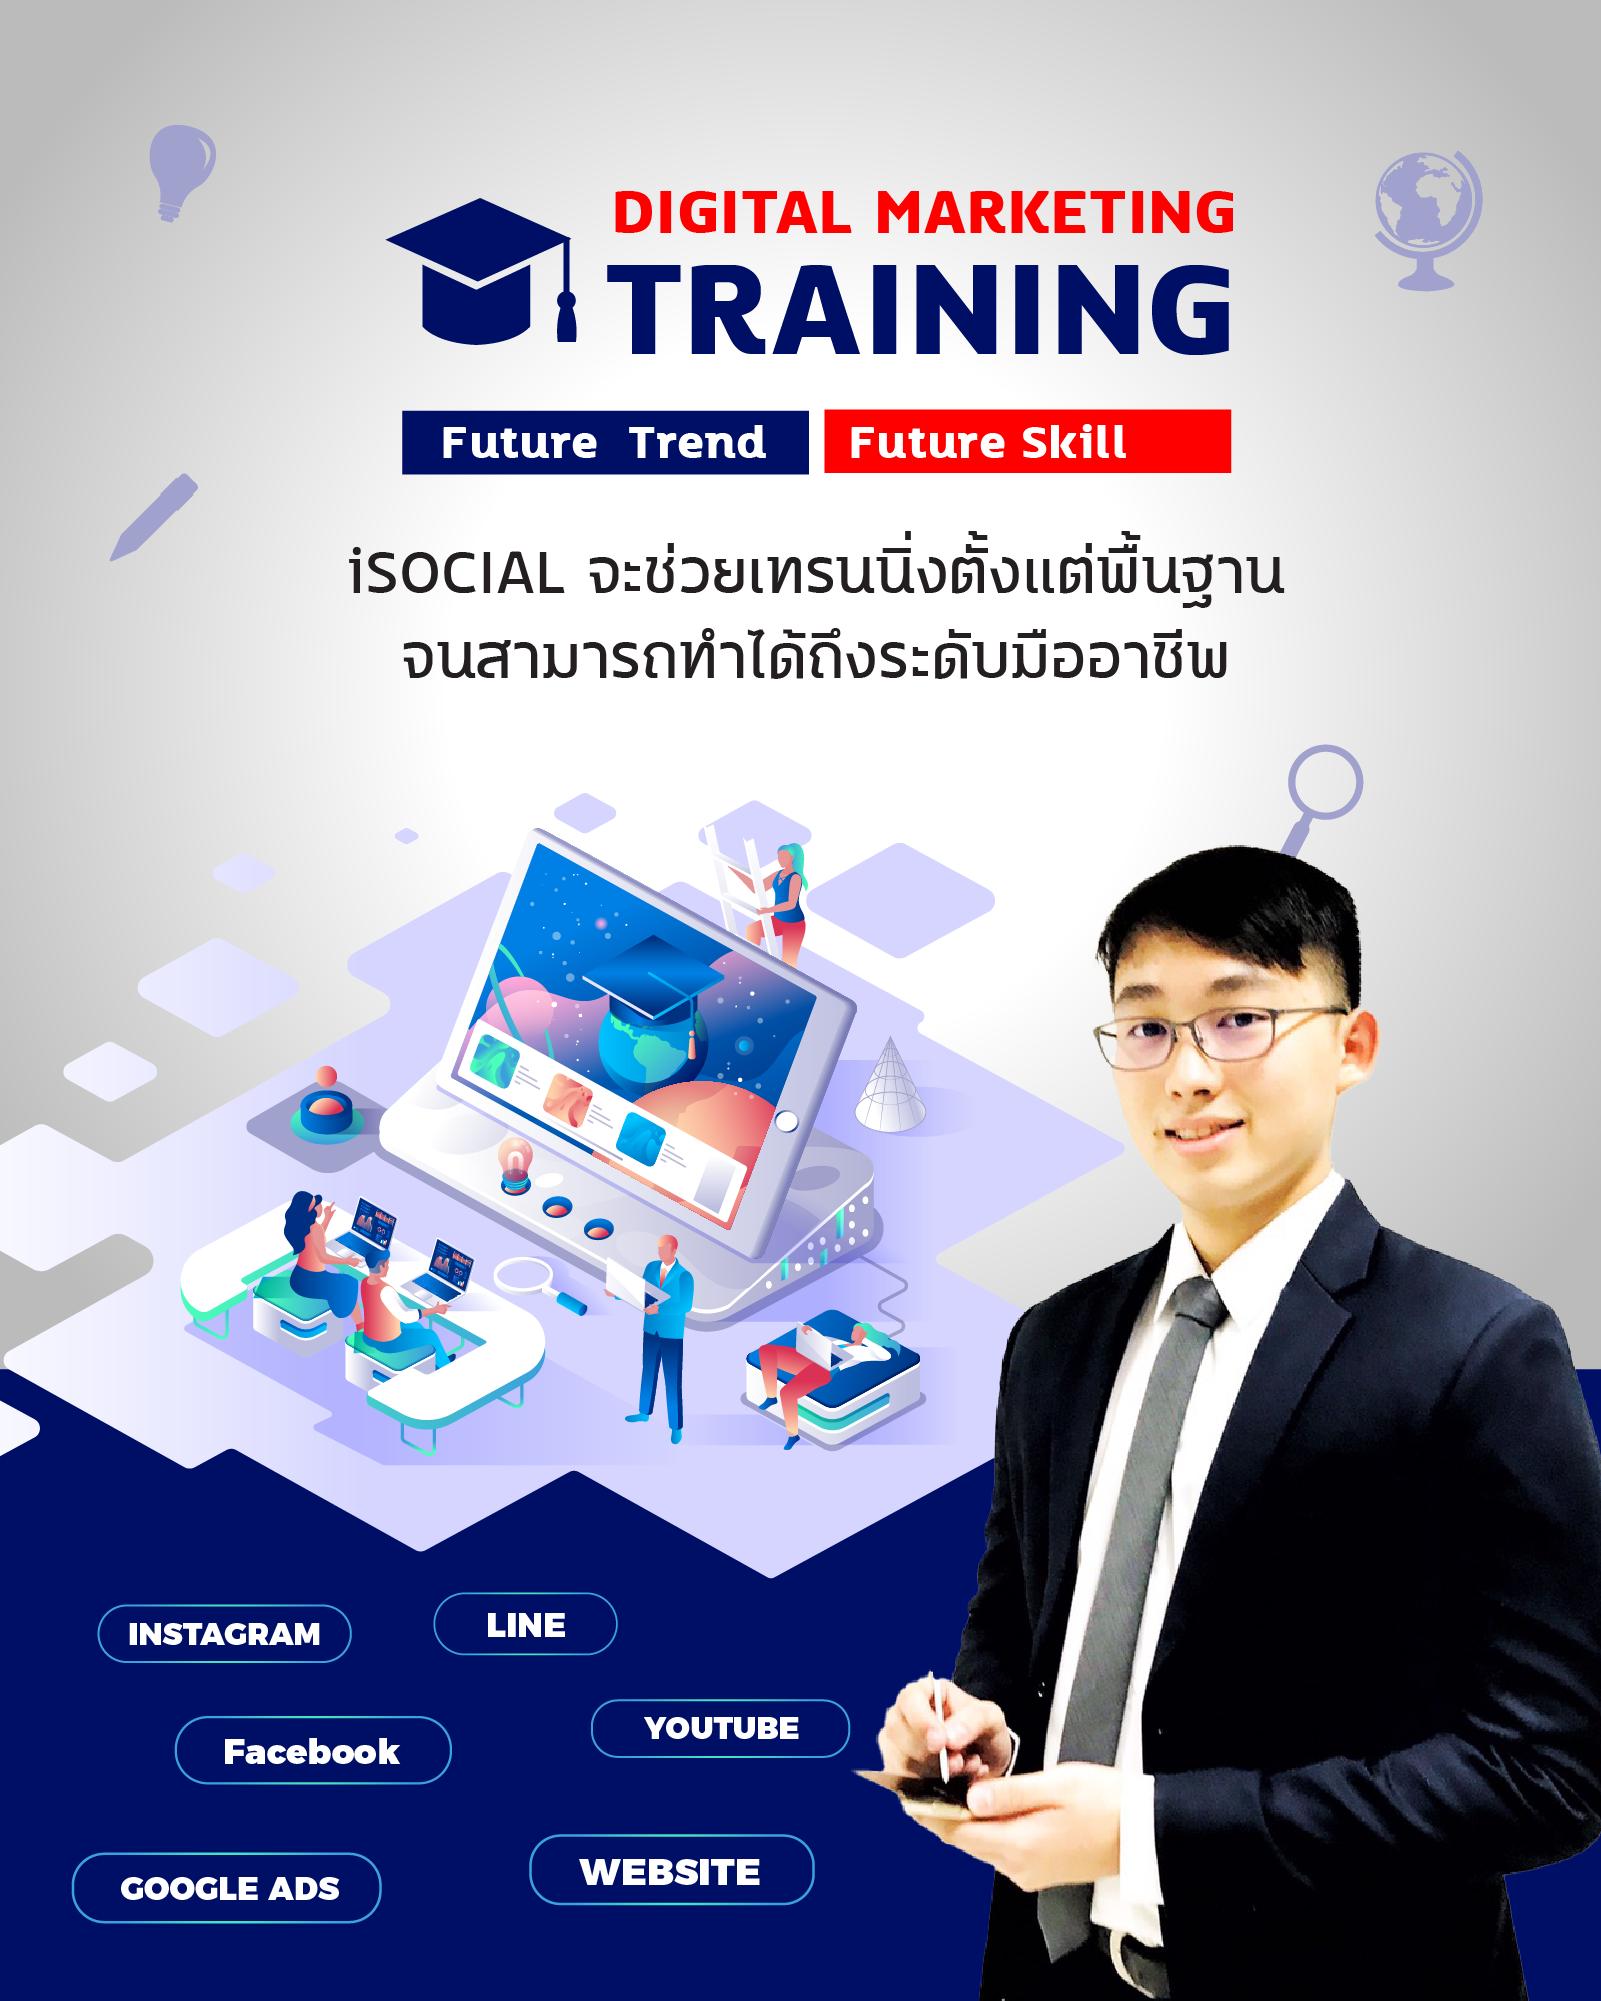 สอนการทำตลาดออนไลน์ by isocial.co.th